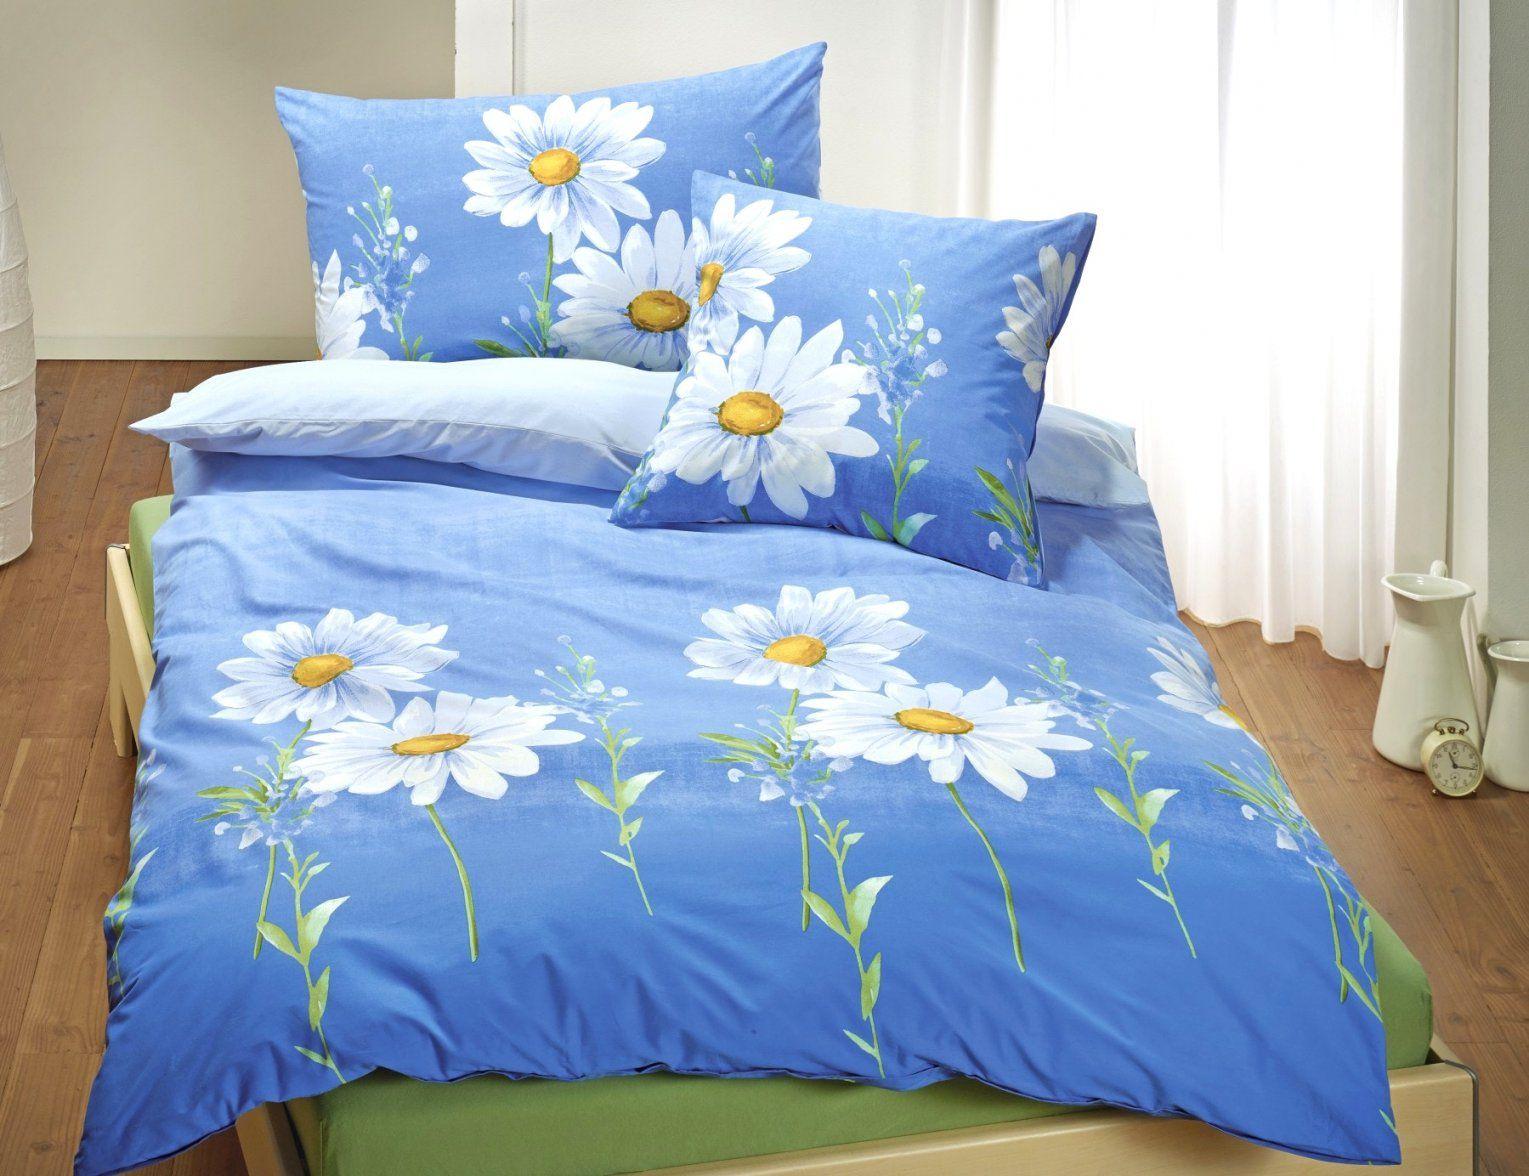 Unglaubliche Inspiration Bettwäsche Mit Eigenem Foto Und Wunderbare von Bettwäsche Selbst Gestalten Günstig Bild